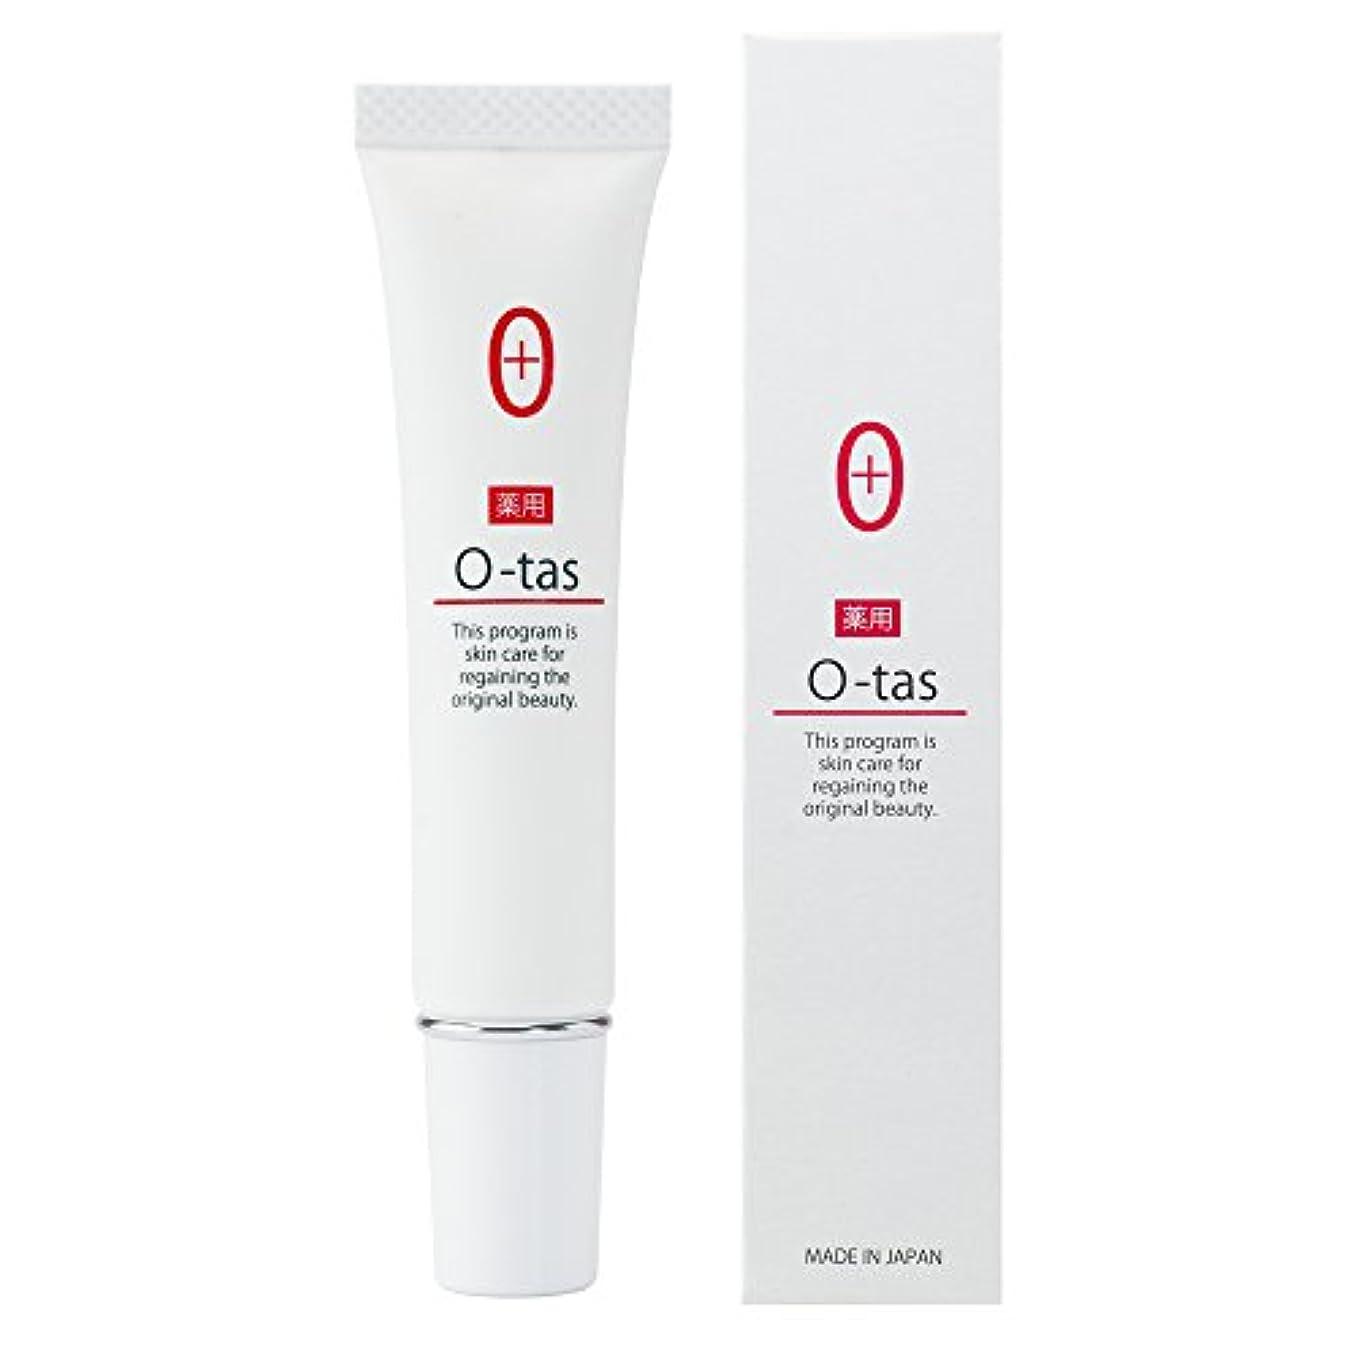 困難覆す肌美白 しみ くすみ そばかす ケア 医薬部外品 薬用 オータス トラネキサム酸 美容液 15g